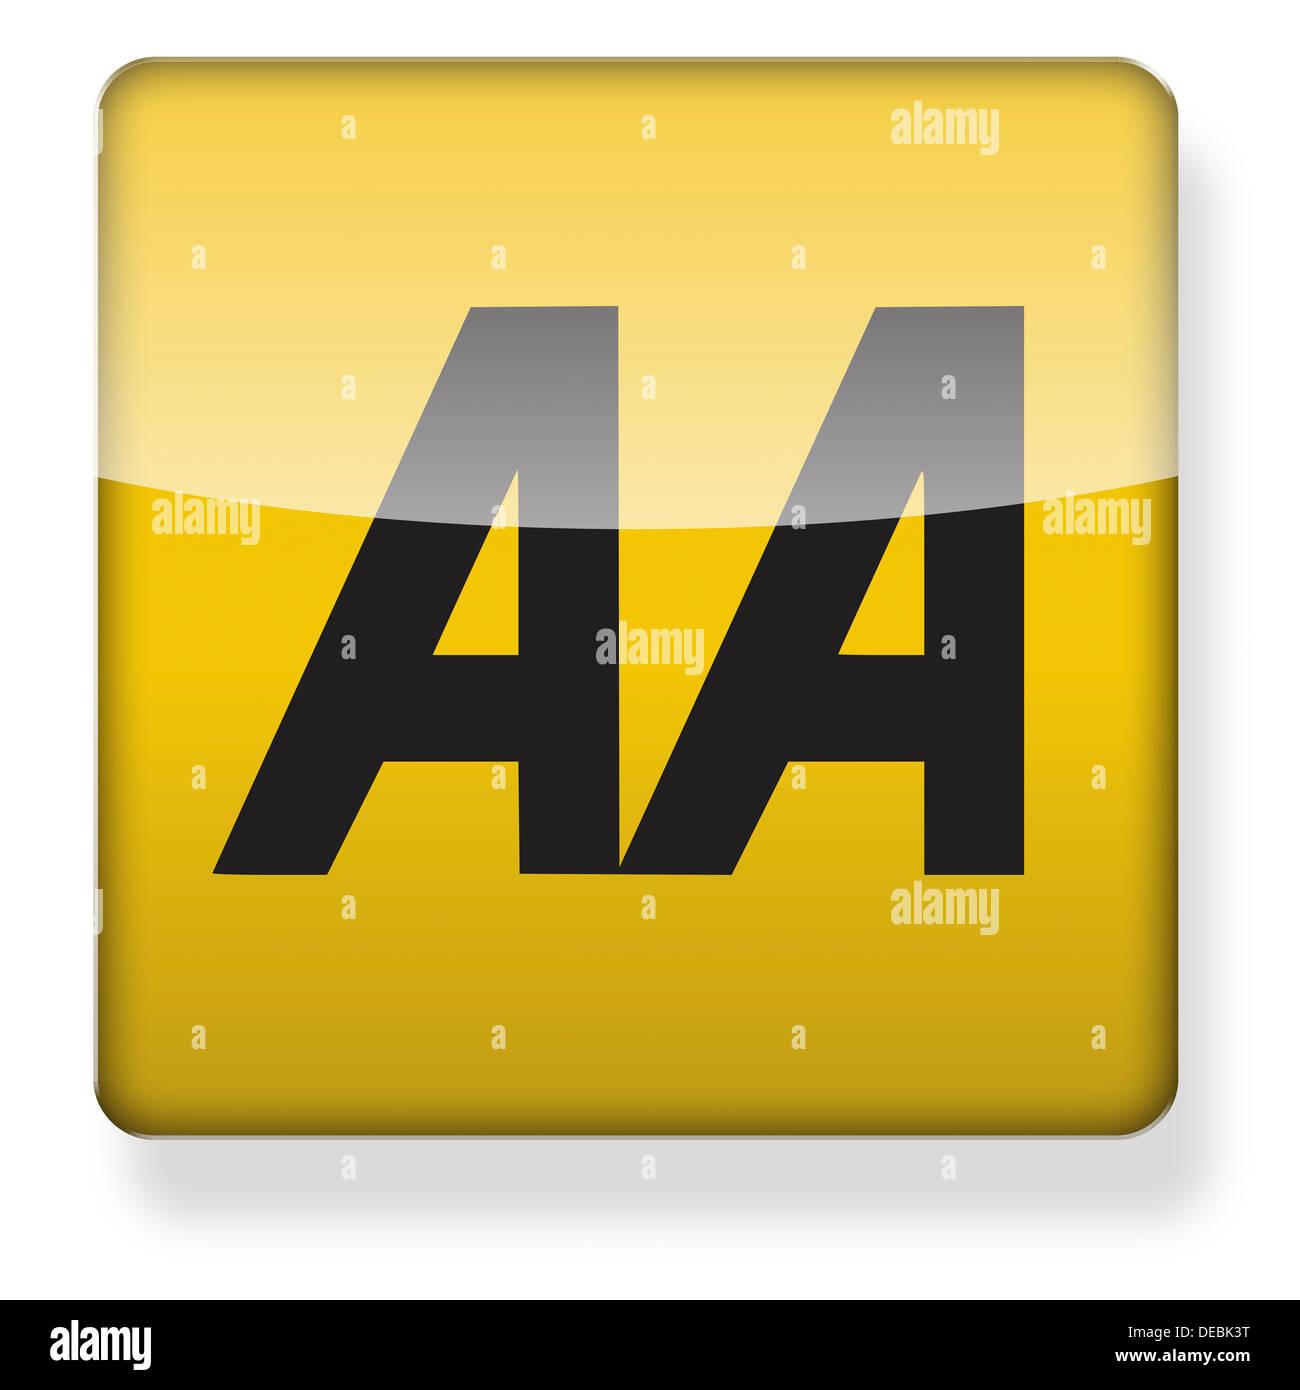 AA Automobile Association logo como el icono de una aplicación. Trazado de recorte incluido. Imagen De Stock